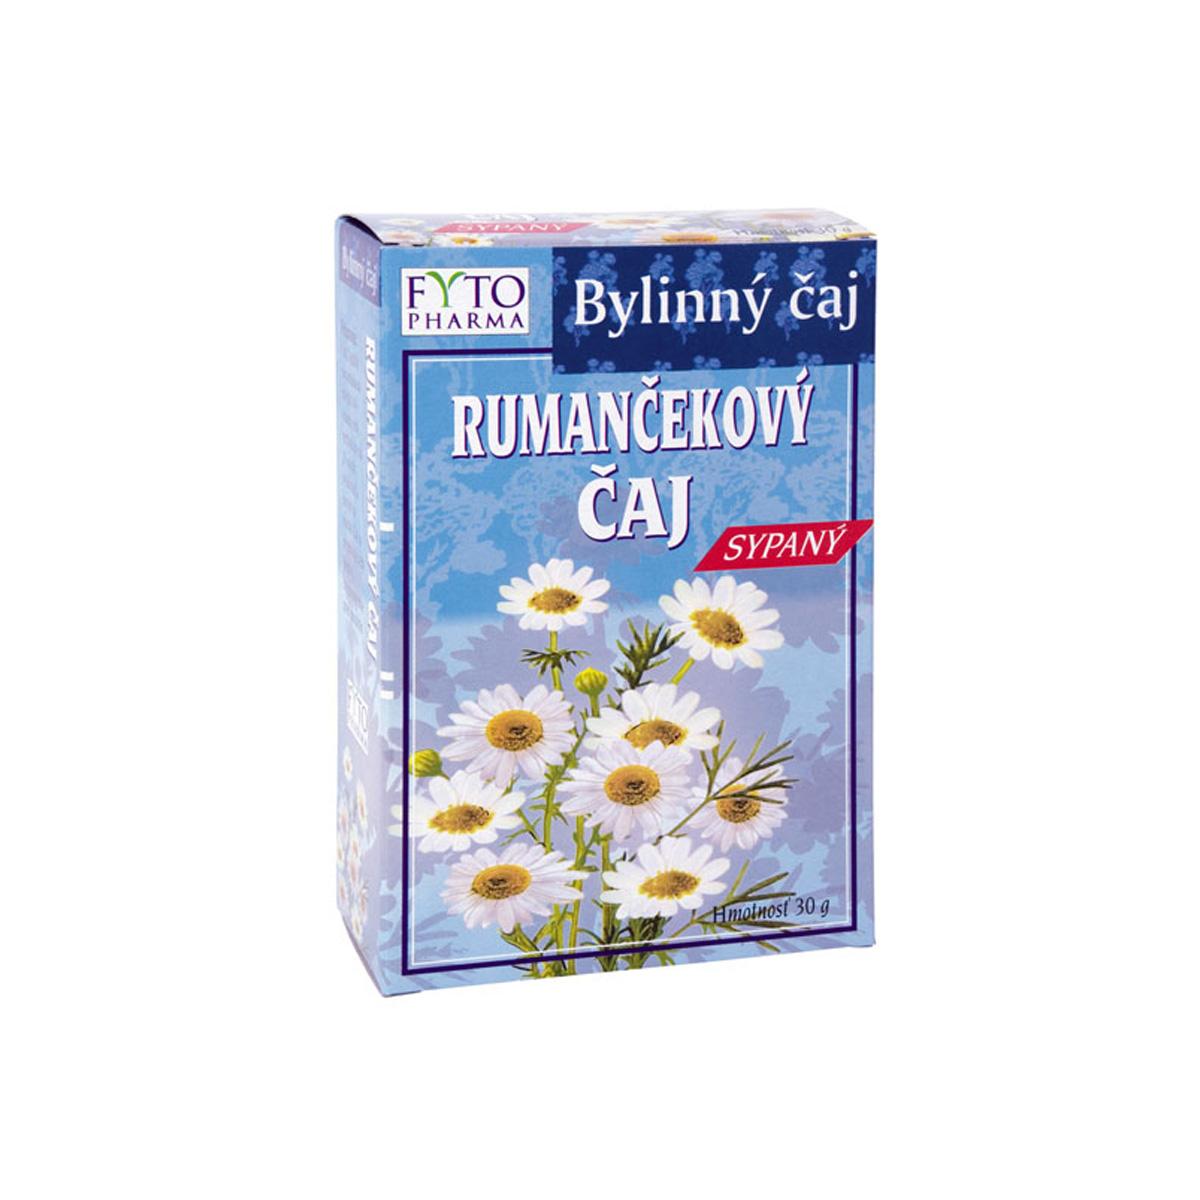 Fytopharma Heřmánkový čaj 30 g